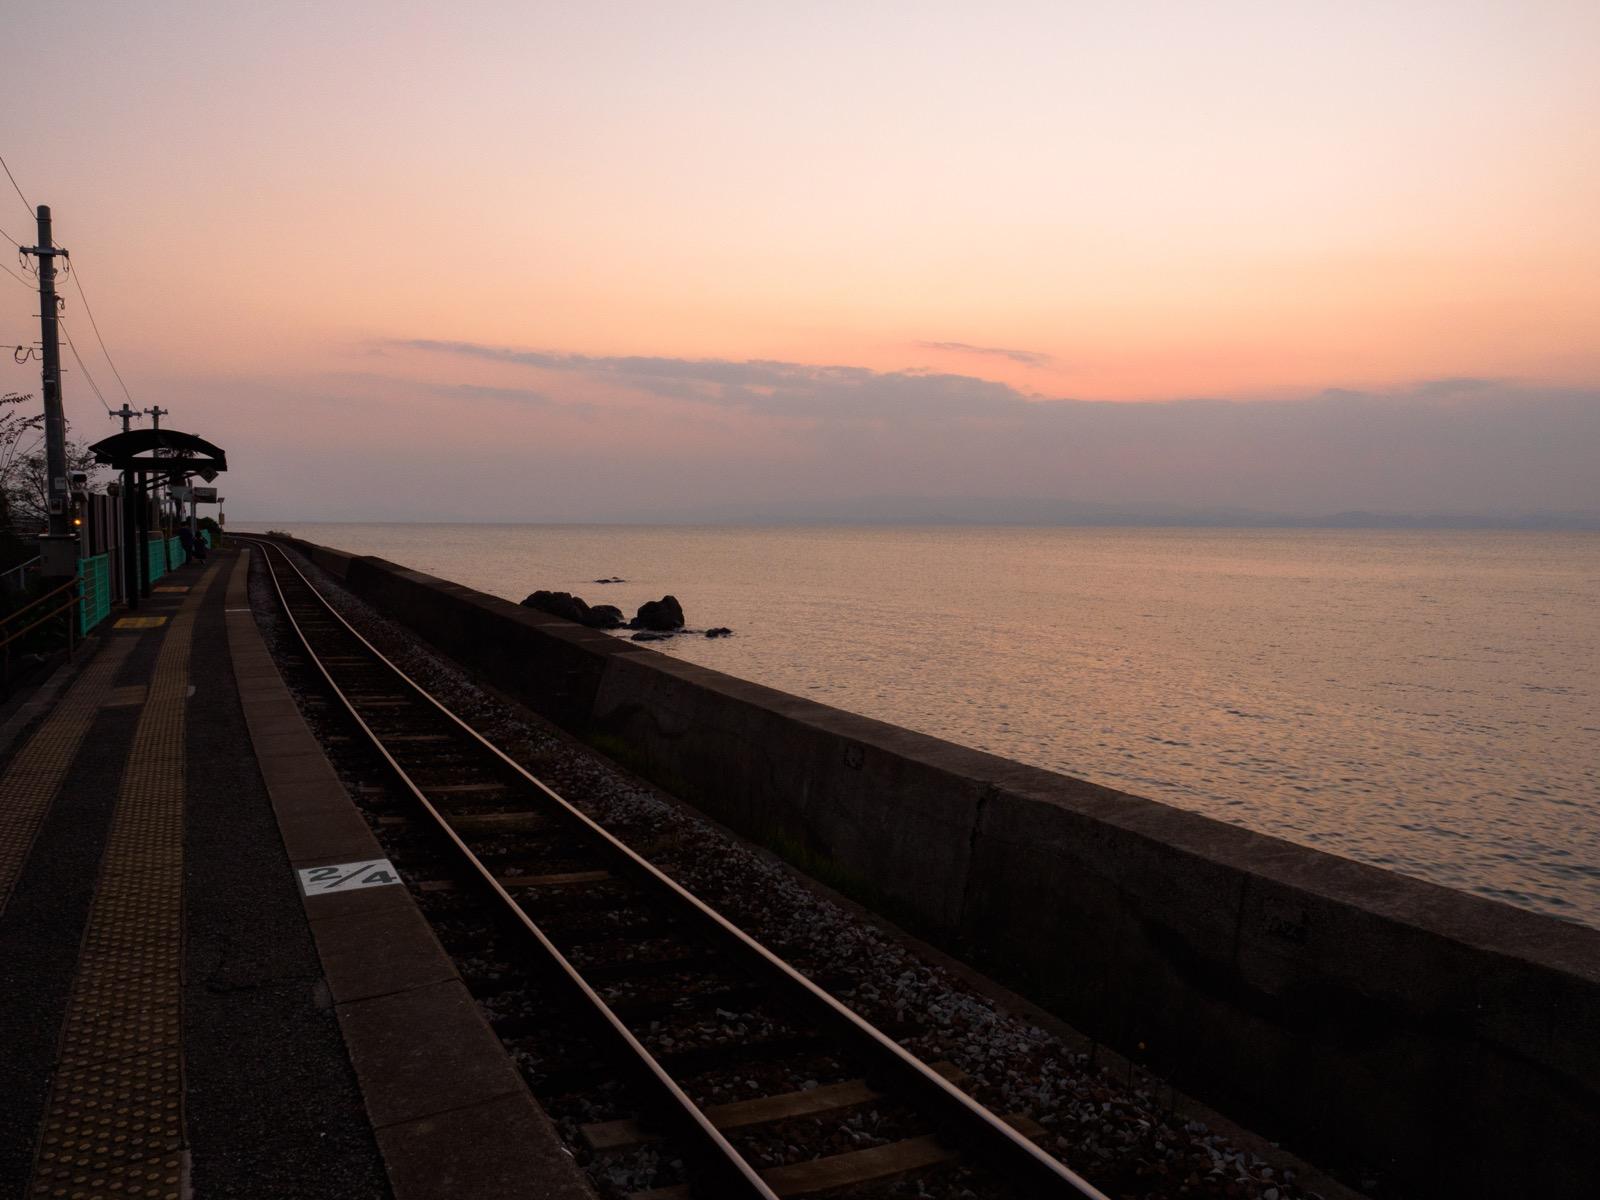 夕暮れ時の千綿駅のホームと大村湾